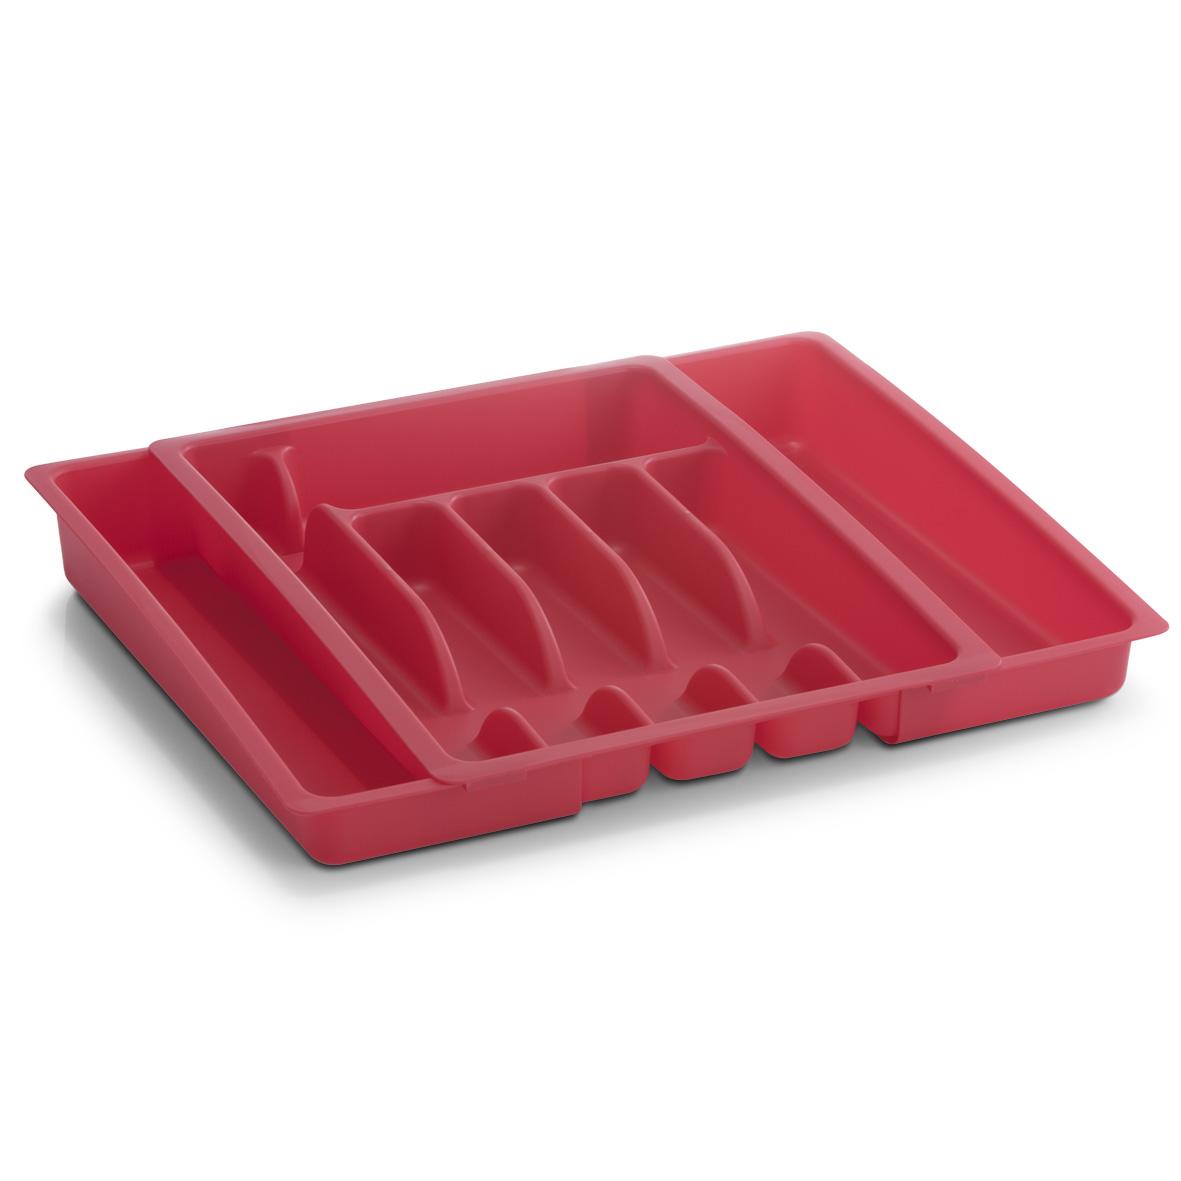 Лоток для столовых приборов Zeller, 38 х 29 х 6 см24888Лоток для столовых приборов Zeller изготовлен из прочного пластика. Изделие имеет 6 отделений, в которых можно систематически разложить столовые приборы. Лоток можно разместить в кухонном ящике.